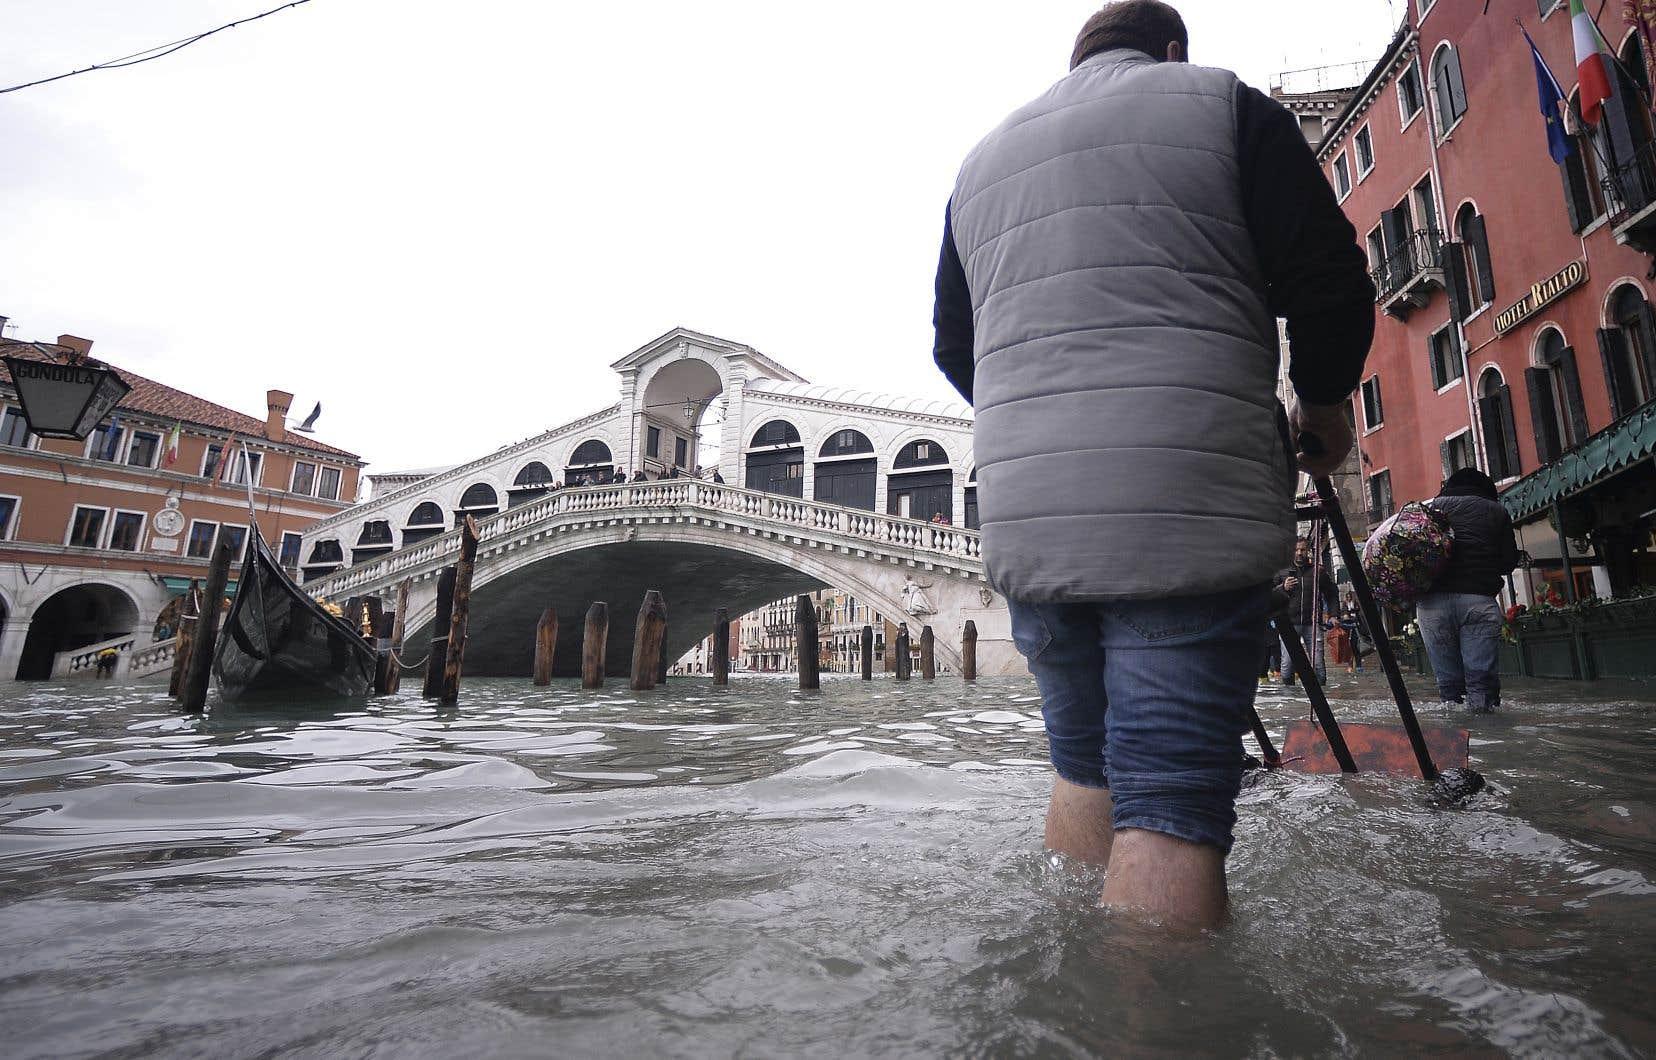 Un homme pousse un chariot dans une rue inondée de Venise, à proximité du Pont du Rialto.